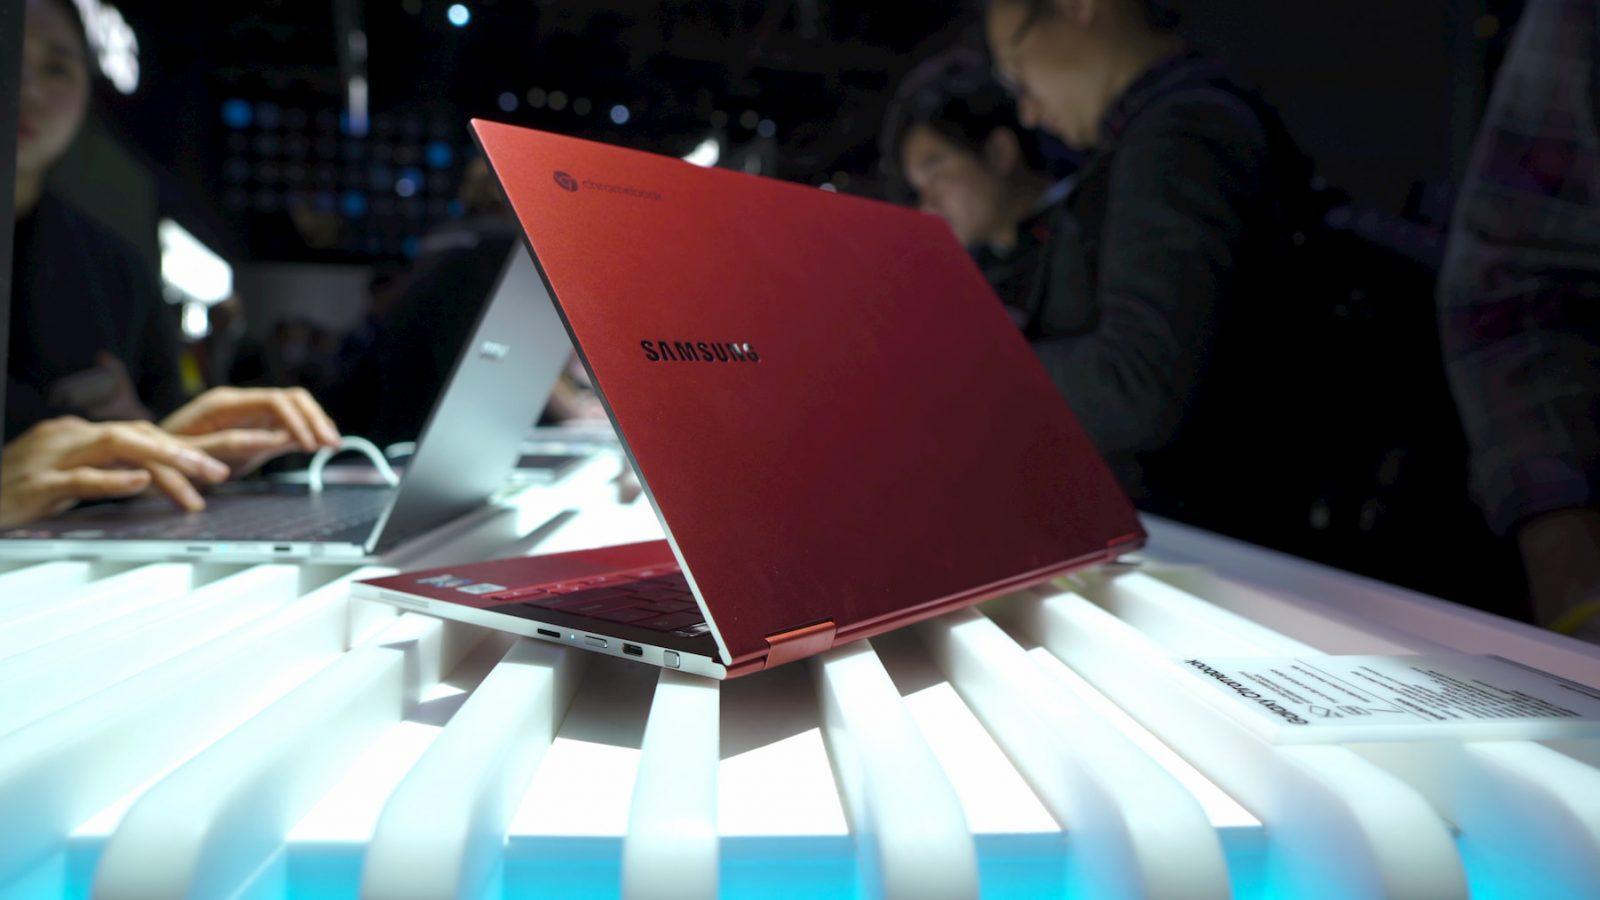 Samsung Galaxy Chromebook 2 оценили в 699 долларов. Ключевые характеристики